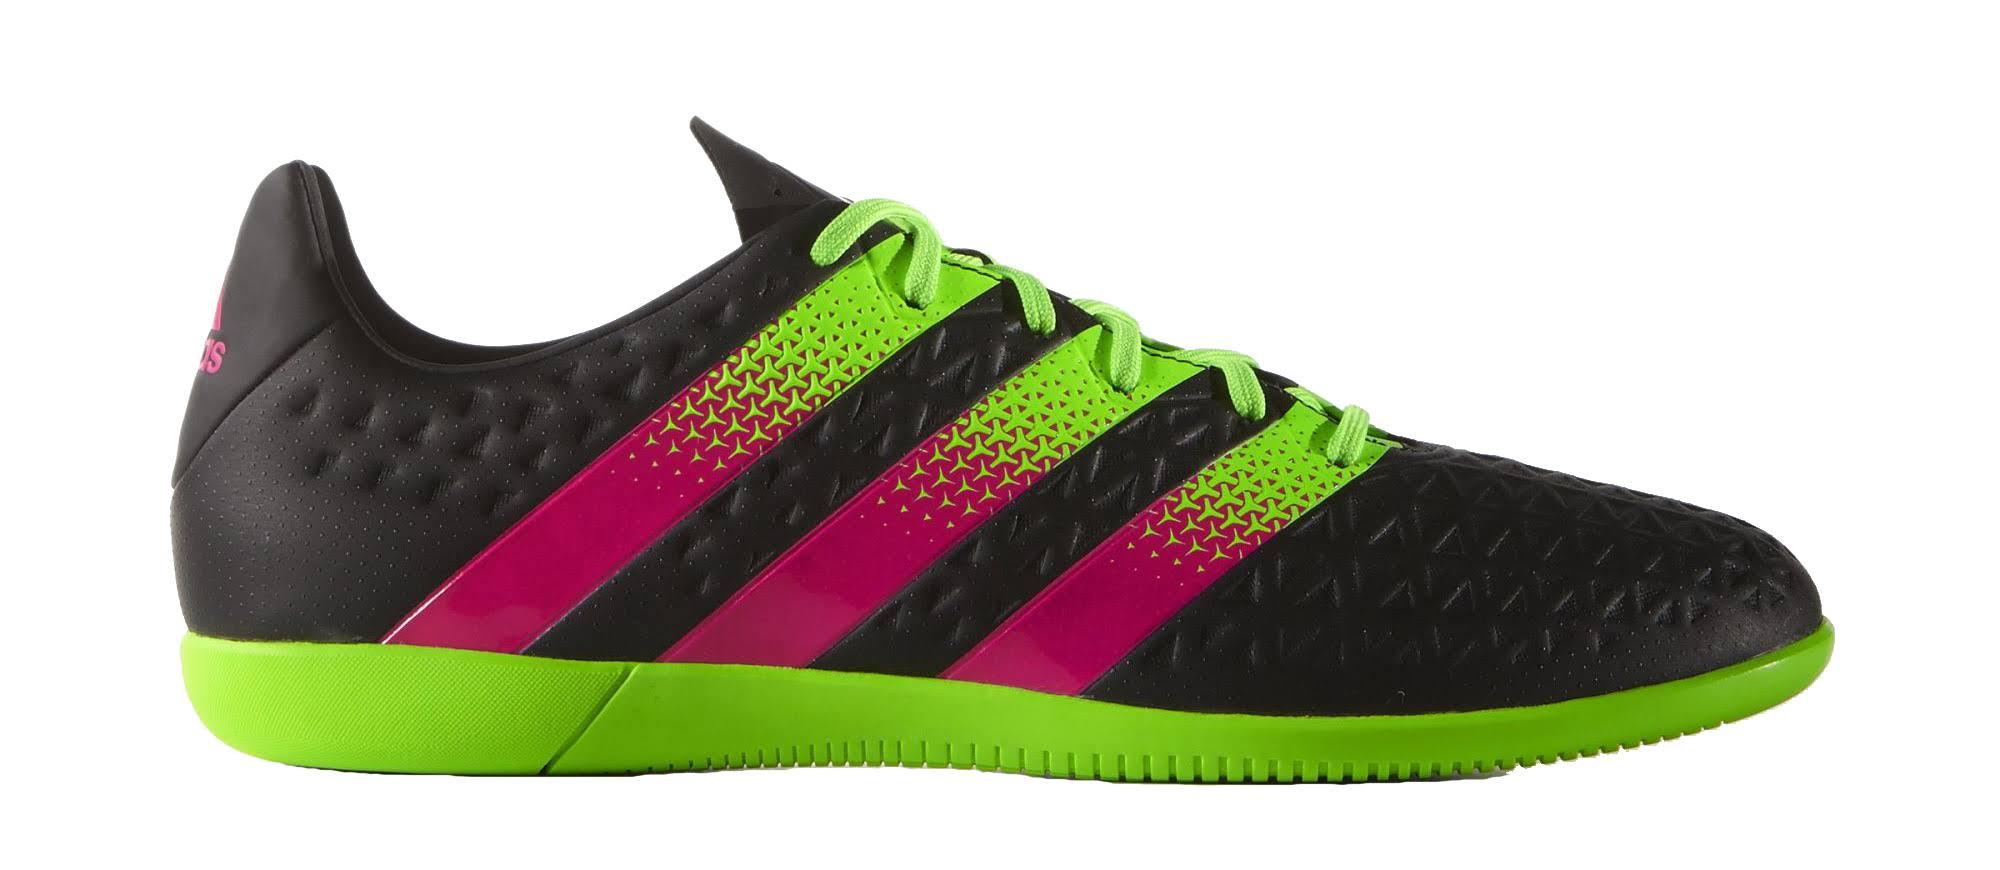 Ace 3 Black Schwarz Grün Herrengröße In 16 11 5 Adidas 4gdqEnwOw